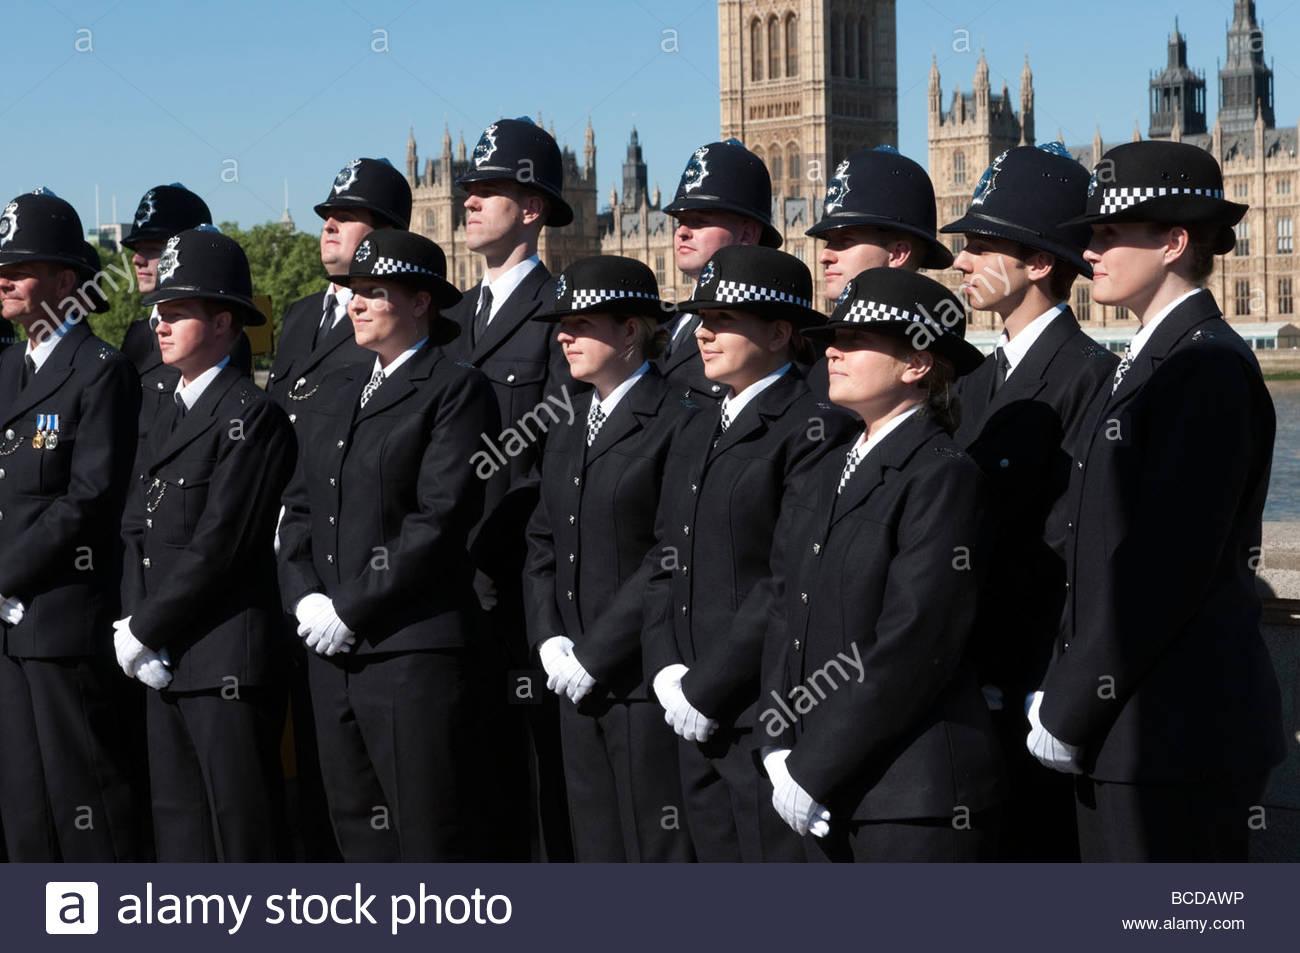 La Police de Londres qui pose pour une photo de groupe officielle, England UK Photo Stock